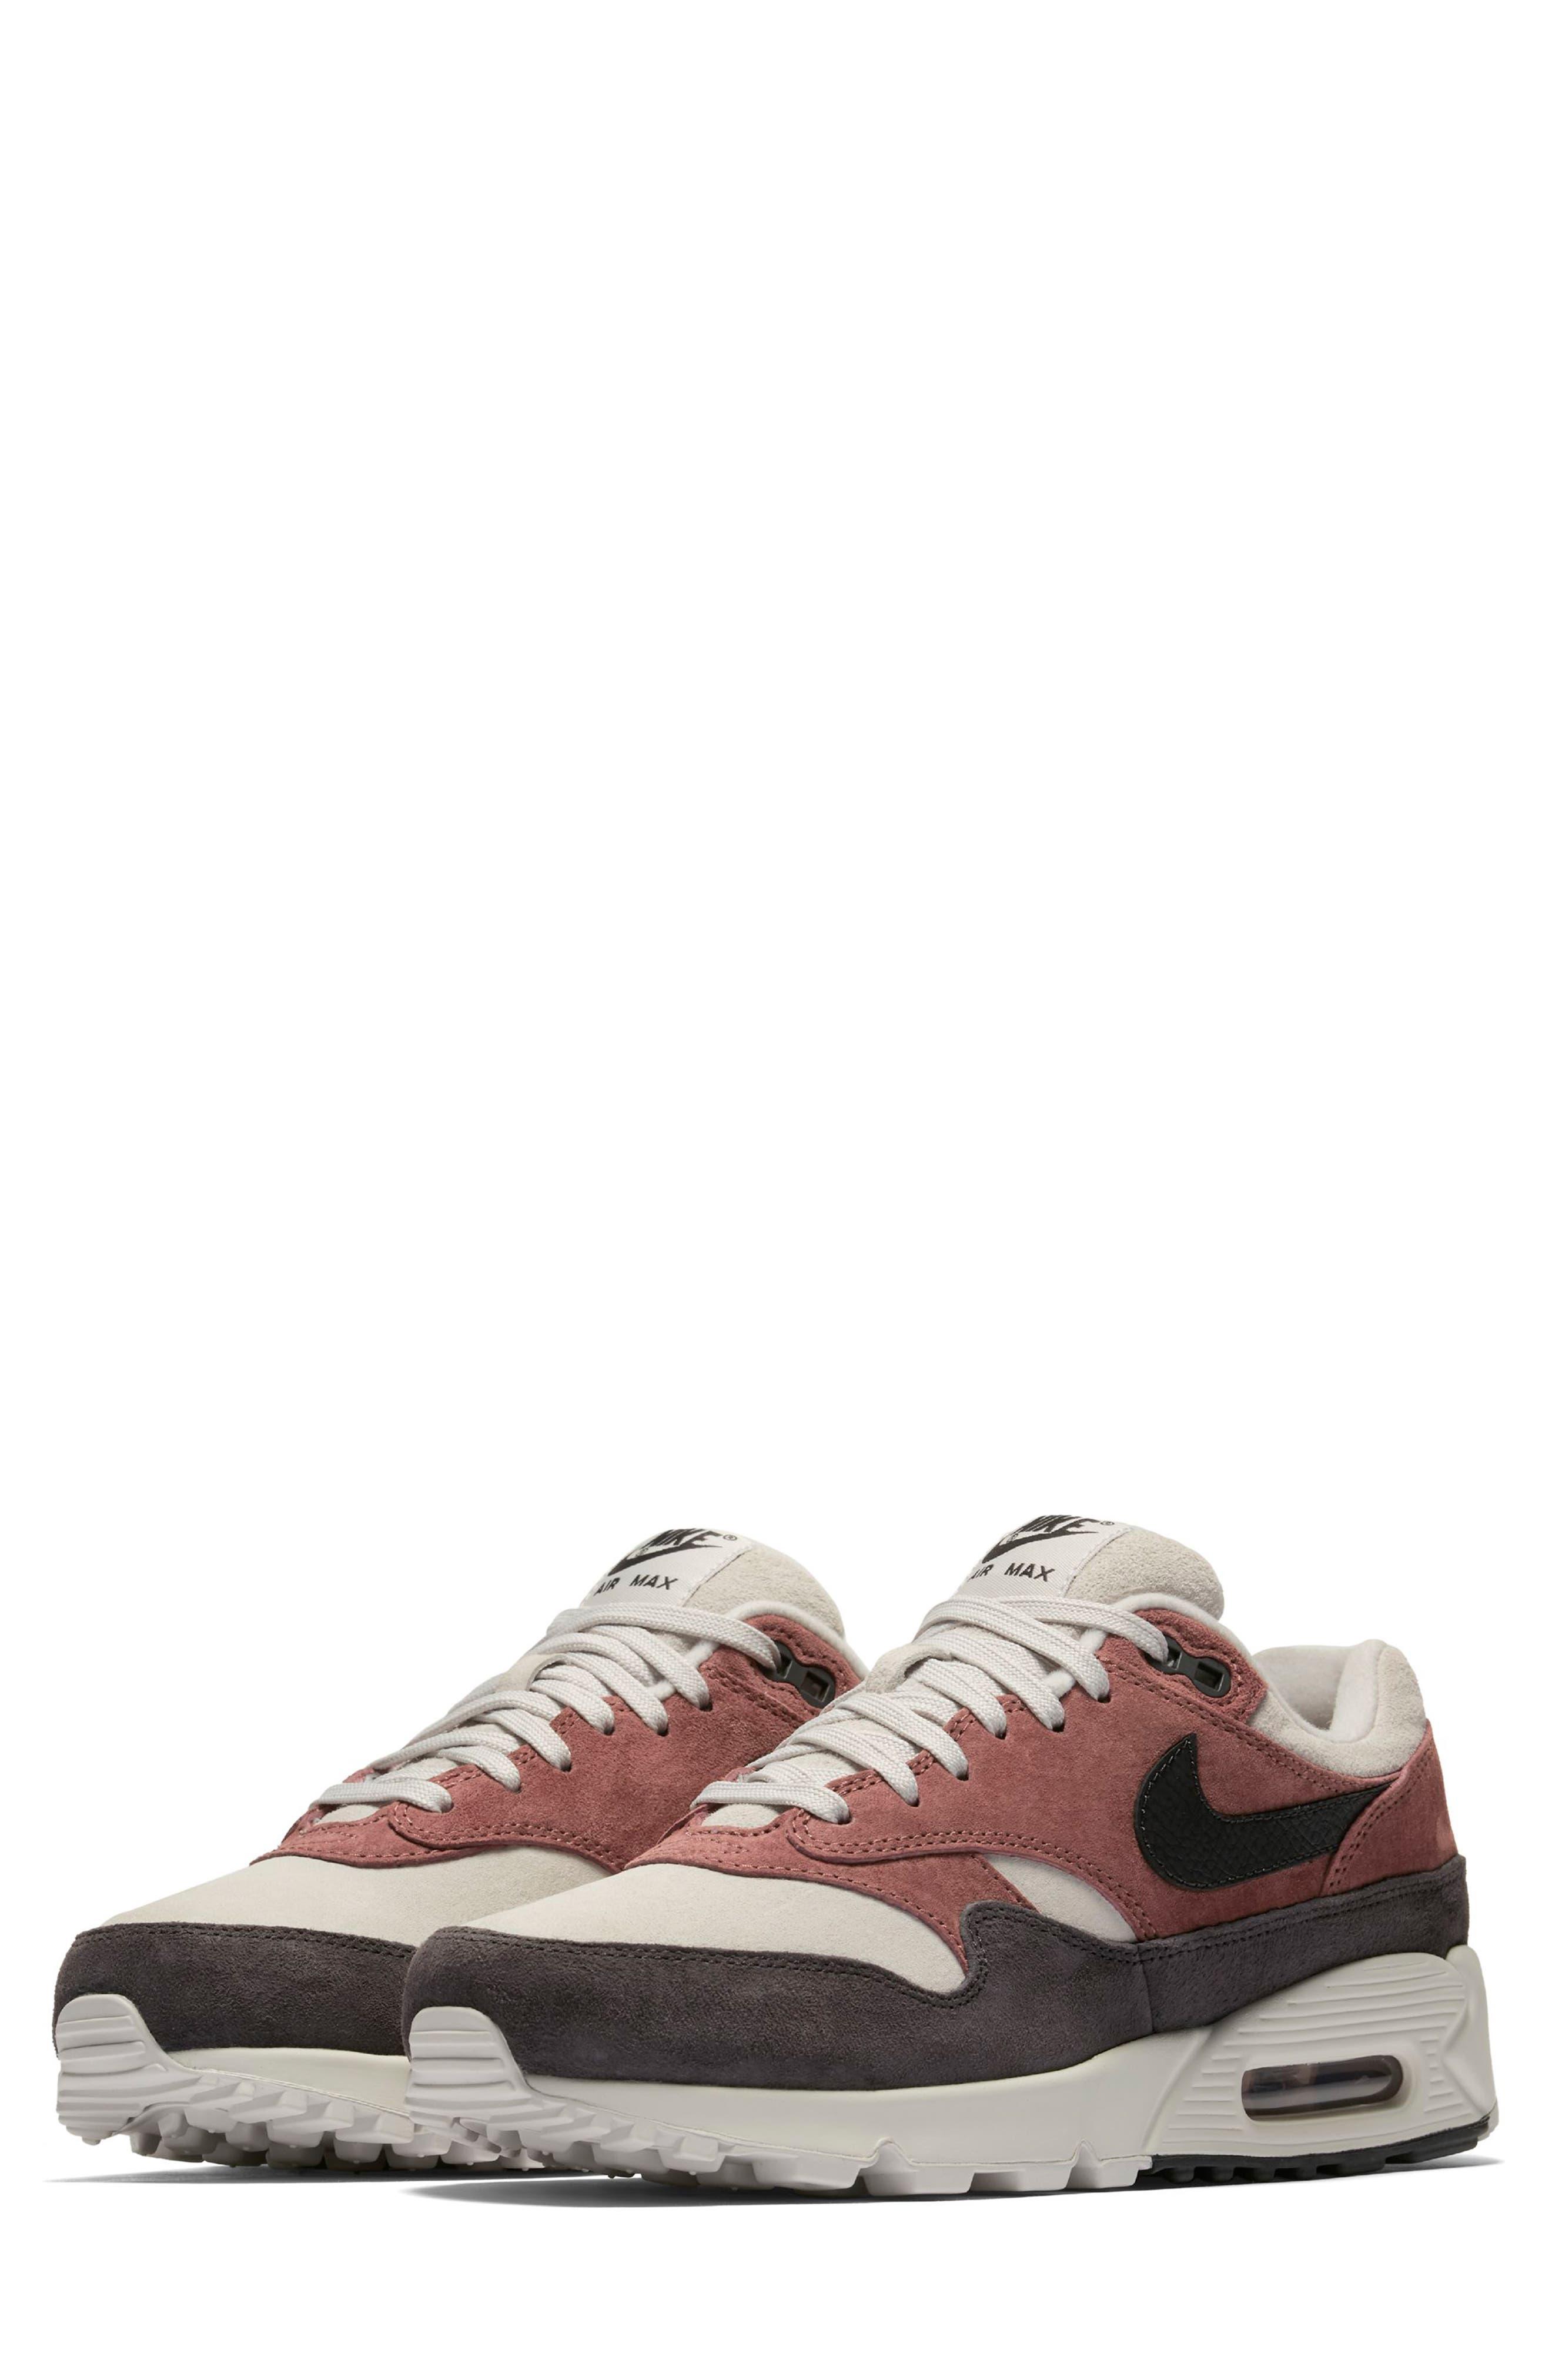 Air Max 90/1 Sneaker,                             Main thumbnail 1, color,                             RED SEPIA/ OIL GREY-VAST GREY